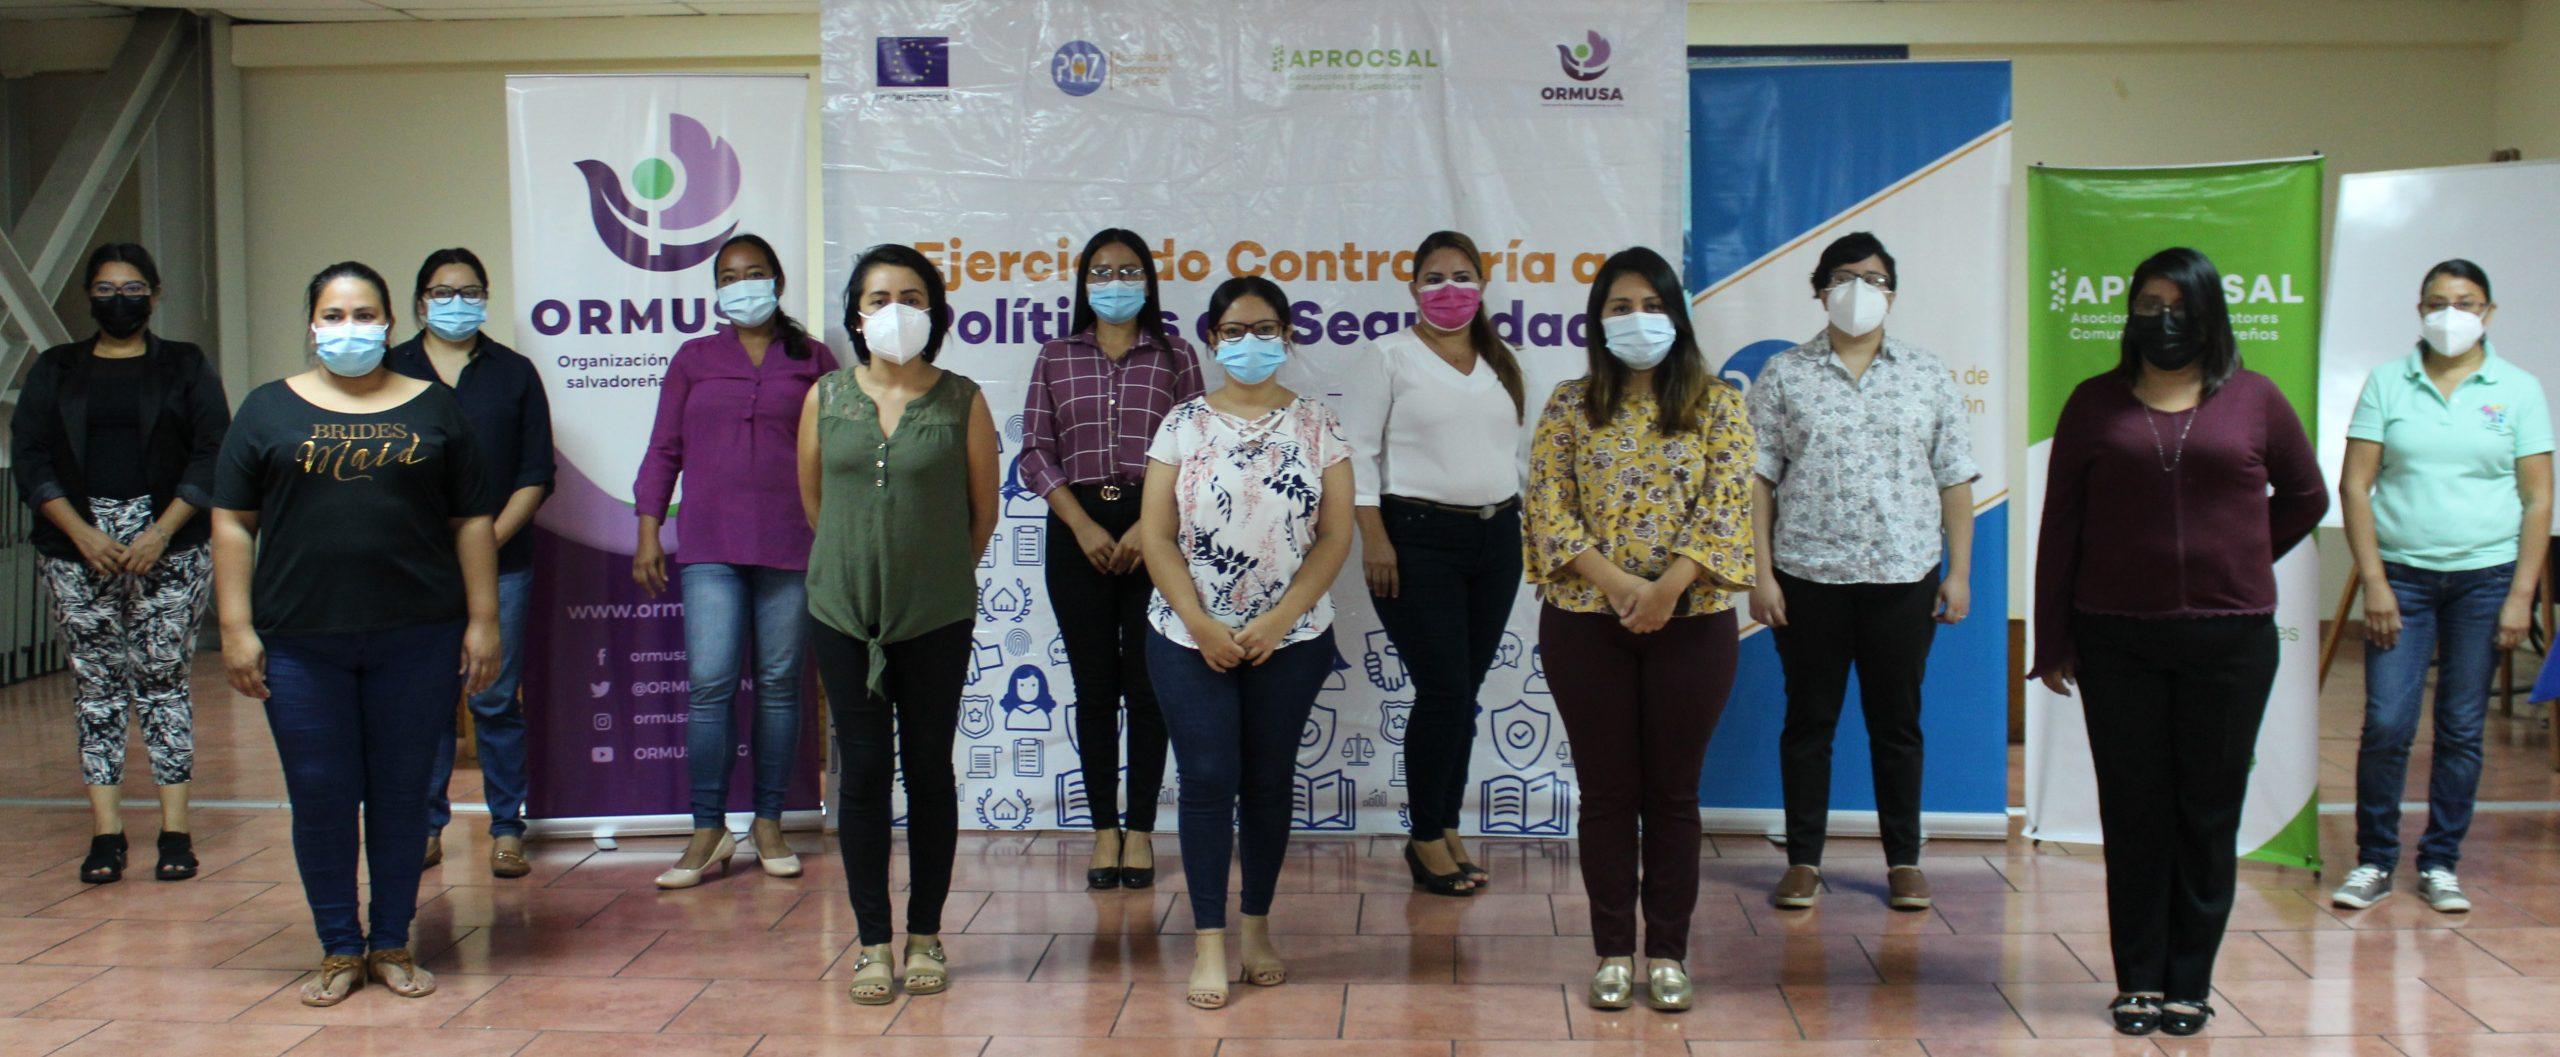 Inauguración del Curso de formación especializada dirigido a mujeres abogadas y defensoras populares para atención a mujeres víctimas de violencia